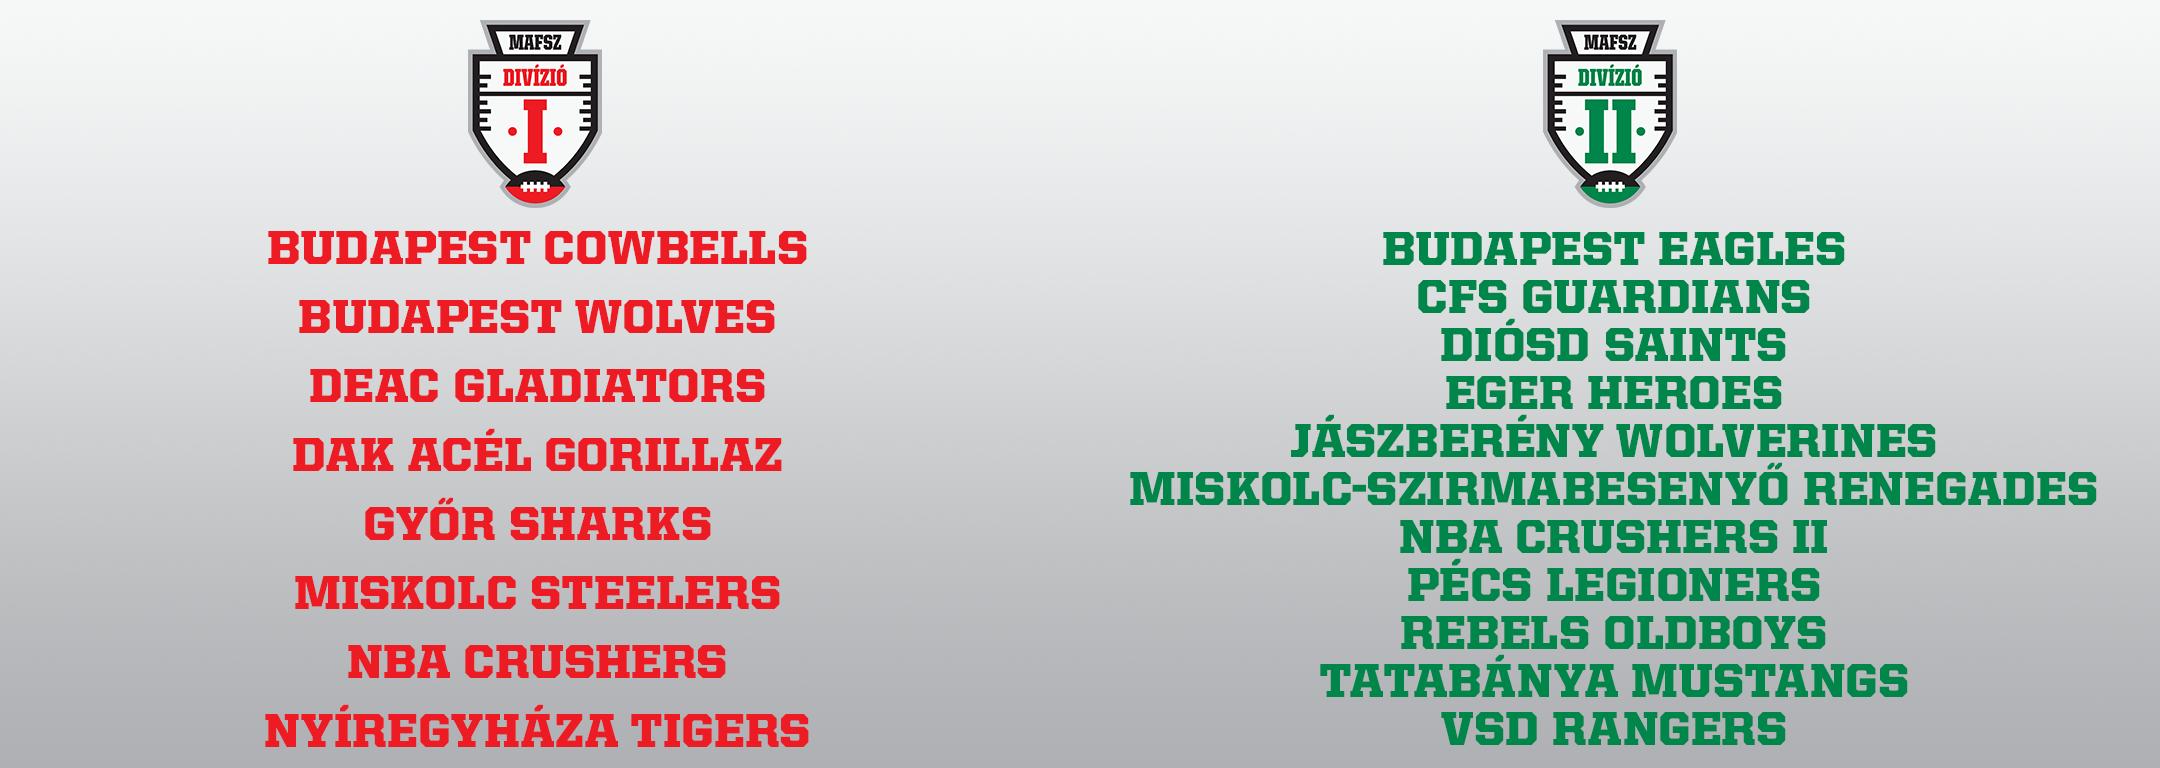 2020_teams2